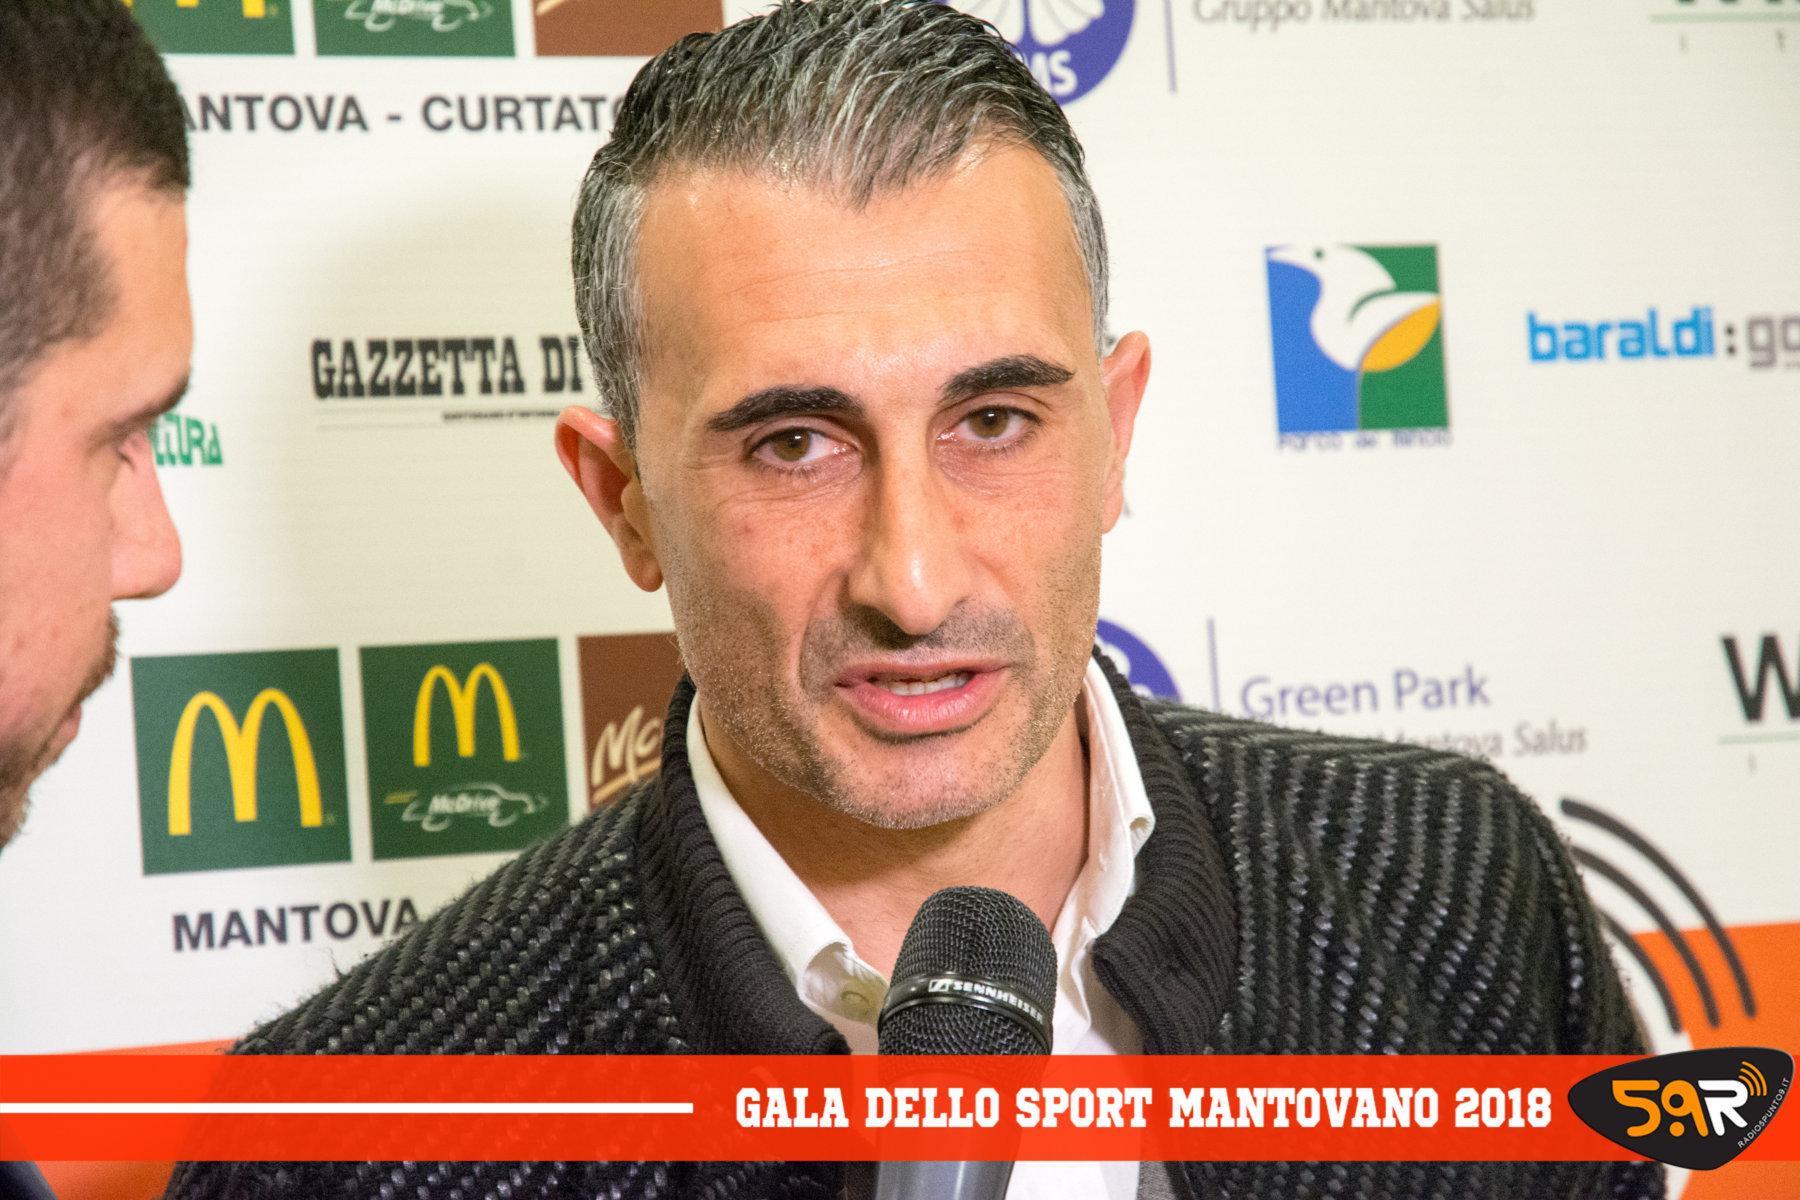 Gala dello Sport Mantovano 2018 Web Radio 5 (26)